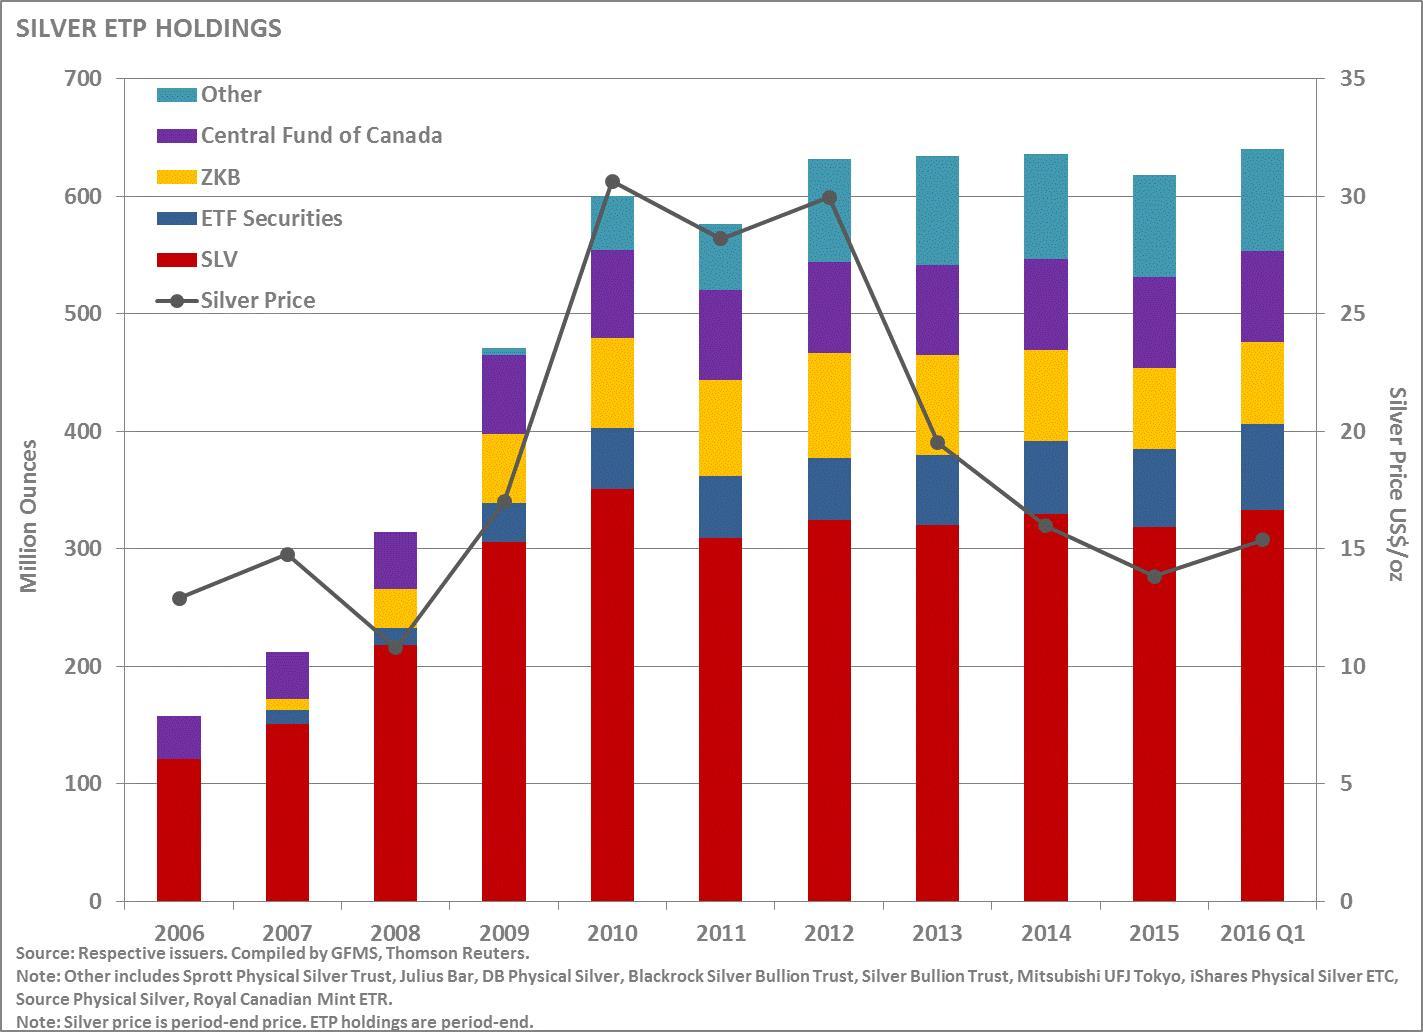 A tőzsdén kereskedett, értékpapírosított fizikai ezüst ETP-k piaci részesedése 2016-ban